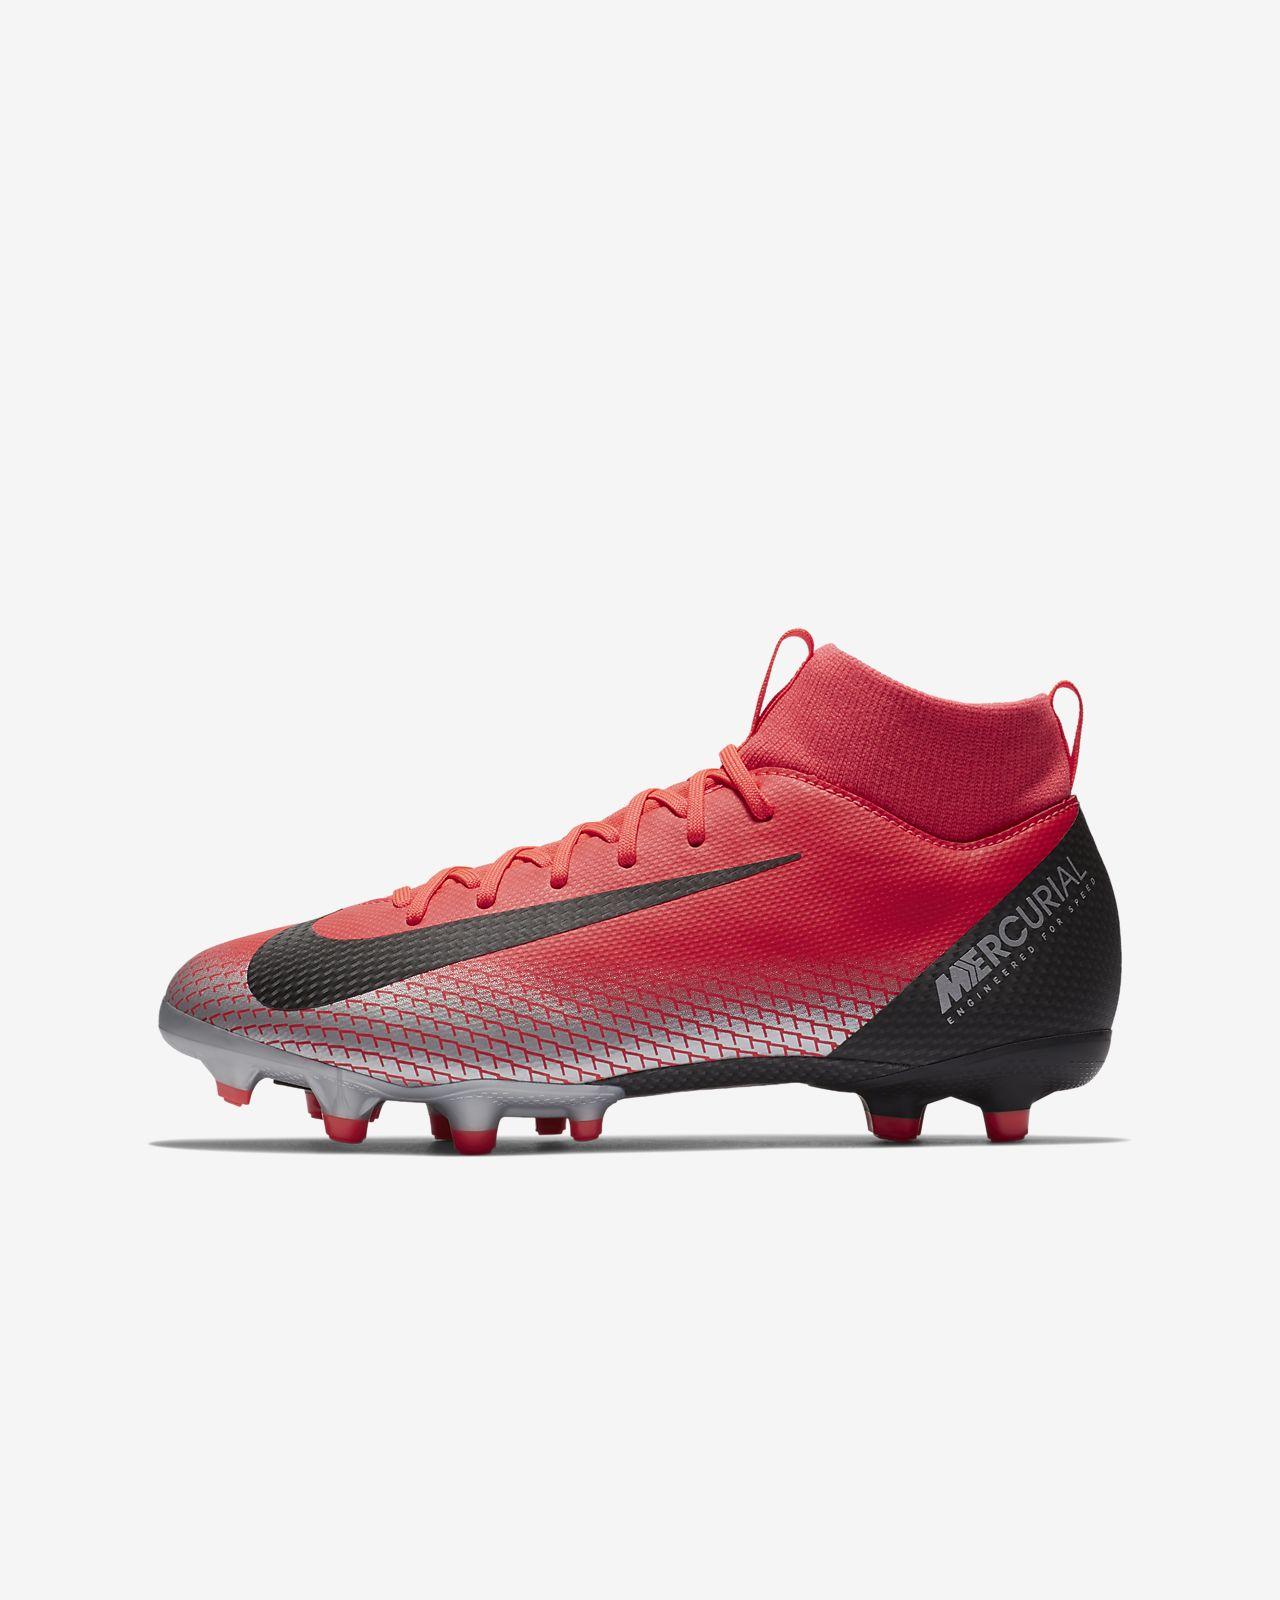 รองเท้าสตั๊ดฟุตบอลเด็กเล็ก/โตสำหรับพื้นหลายประเภท Nike Jr. Superfly 6 Academy LVL UP MG